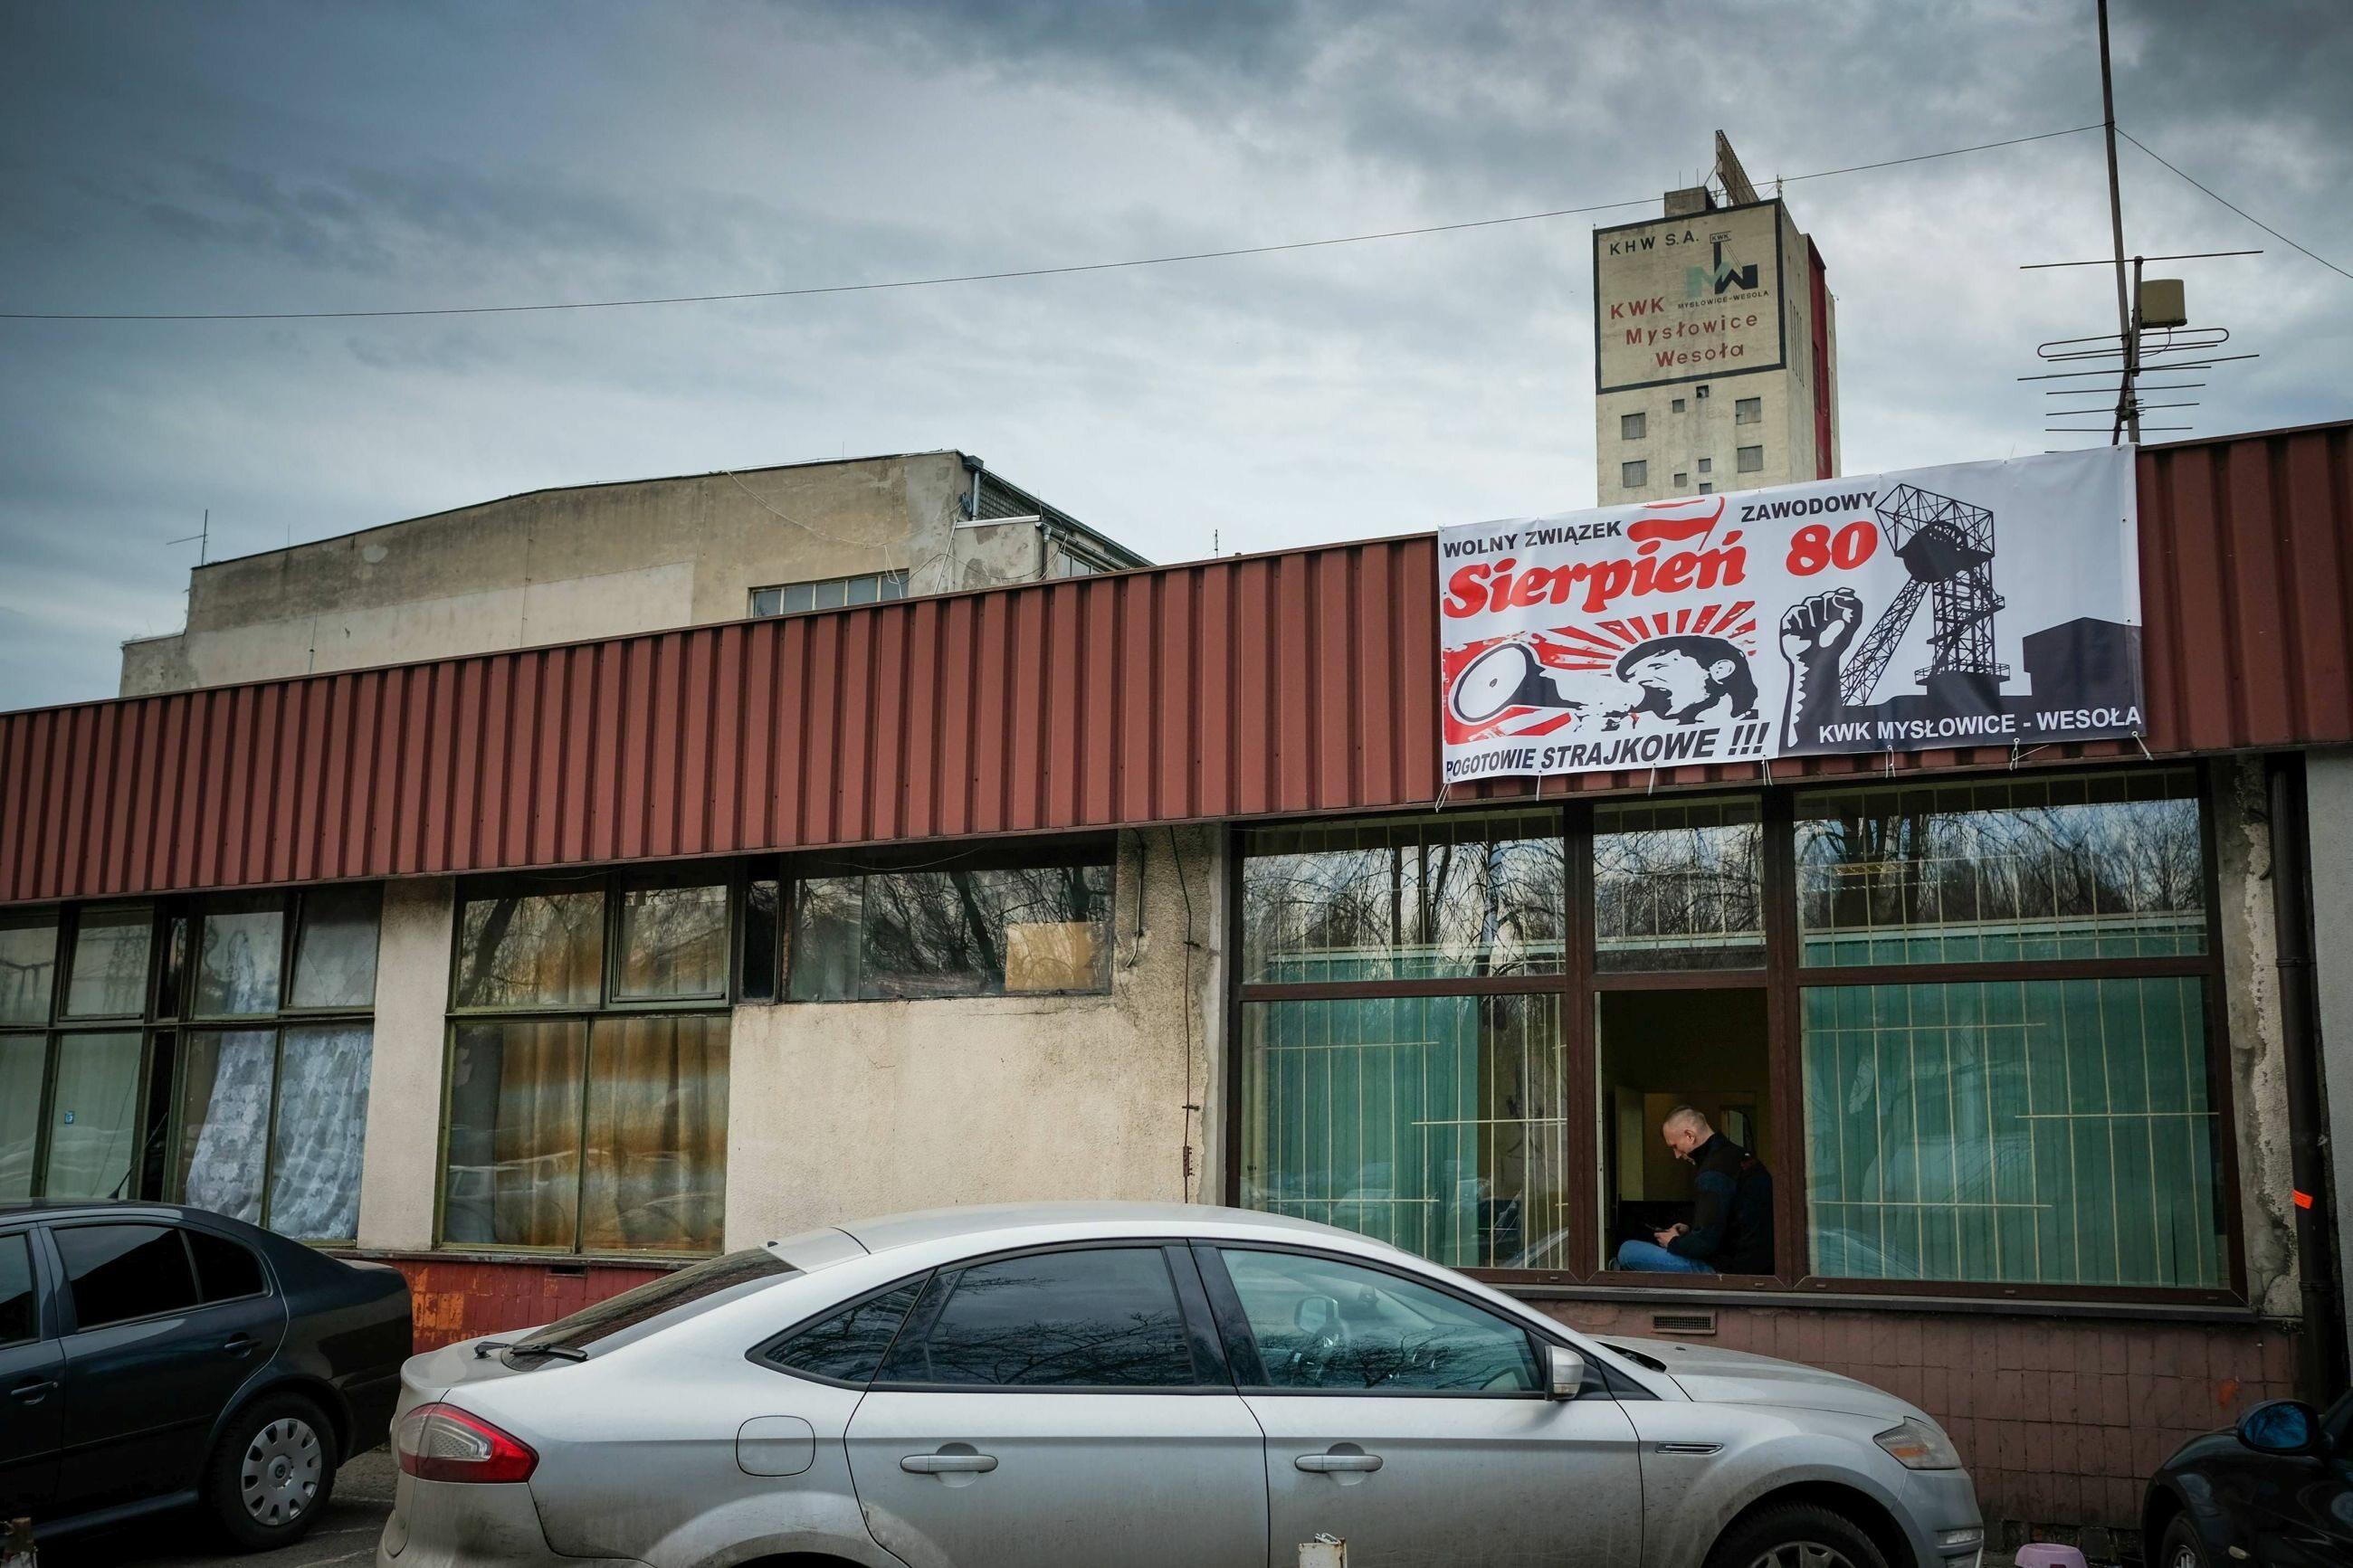 Strajk ostrzegawczy górników z PGG, kopalnia  KWK Mysłowice-Wesoła